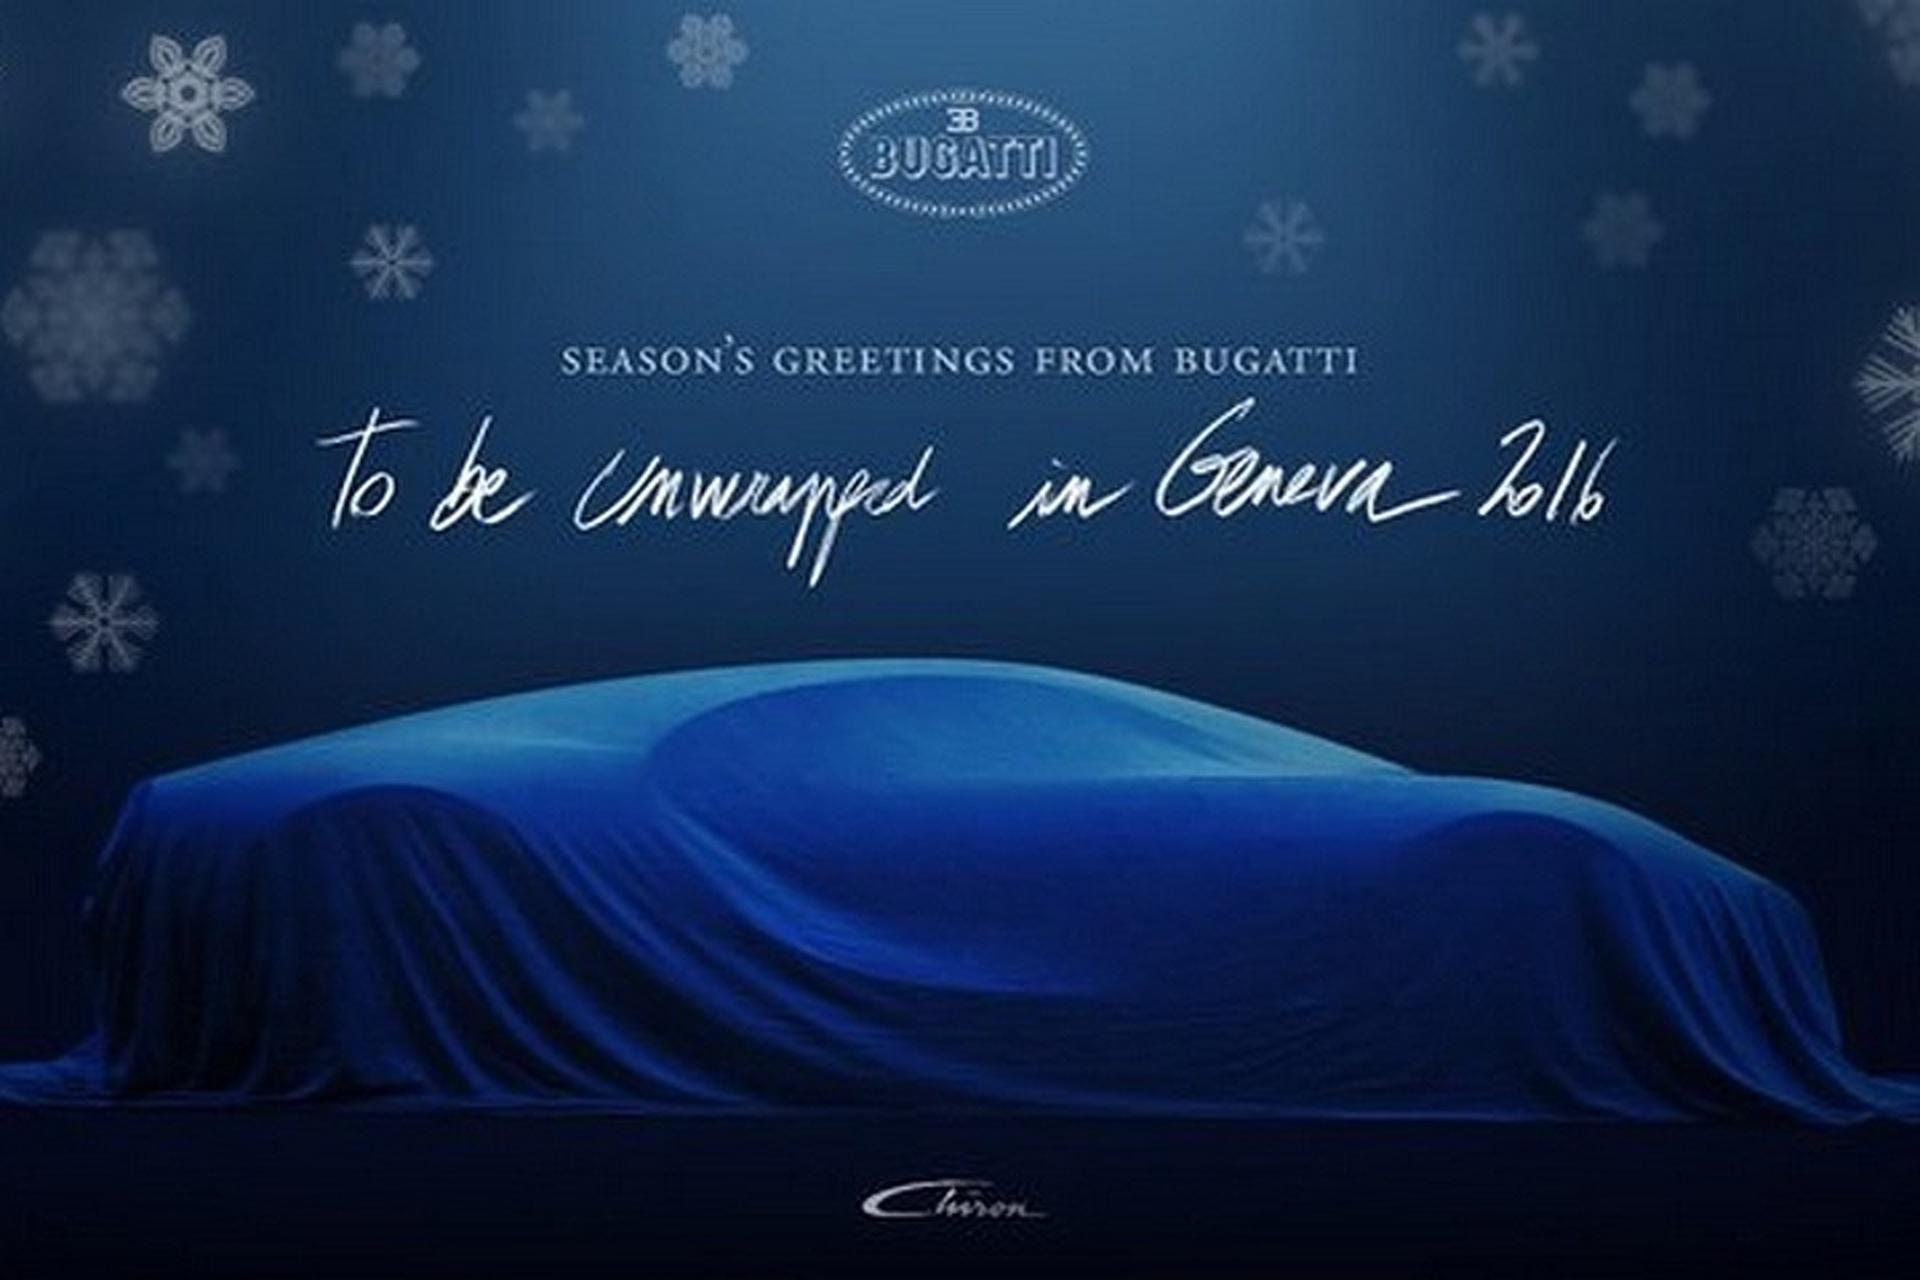 Floyd Mayweather Buying $3.5 Million Bugatti Chiron